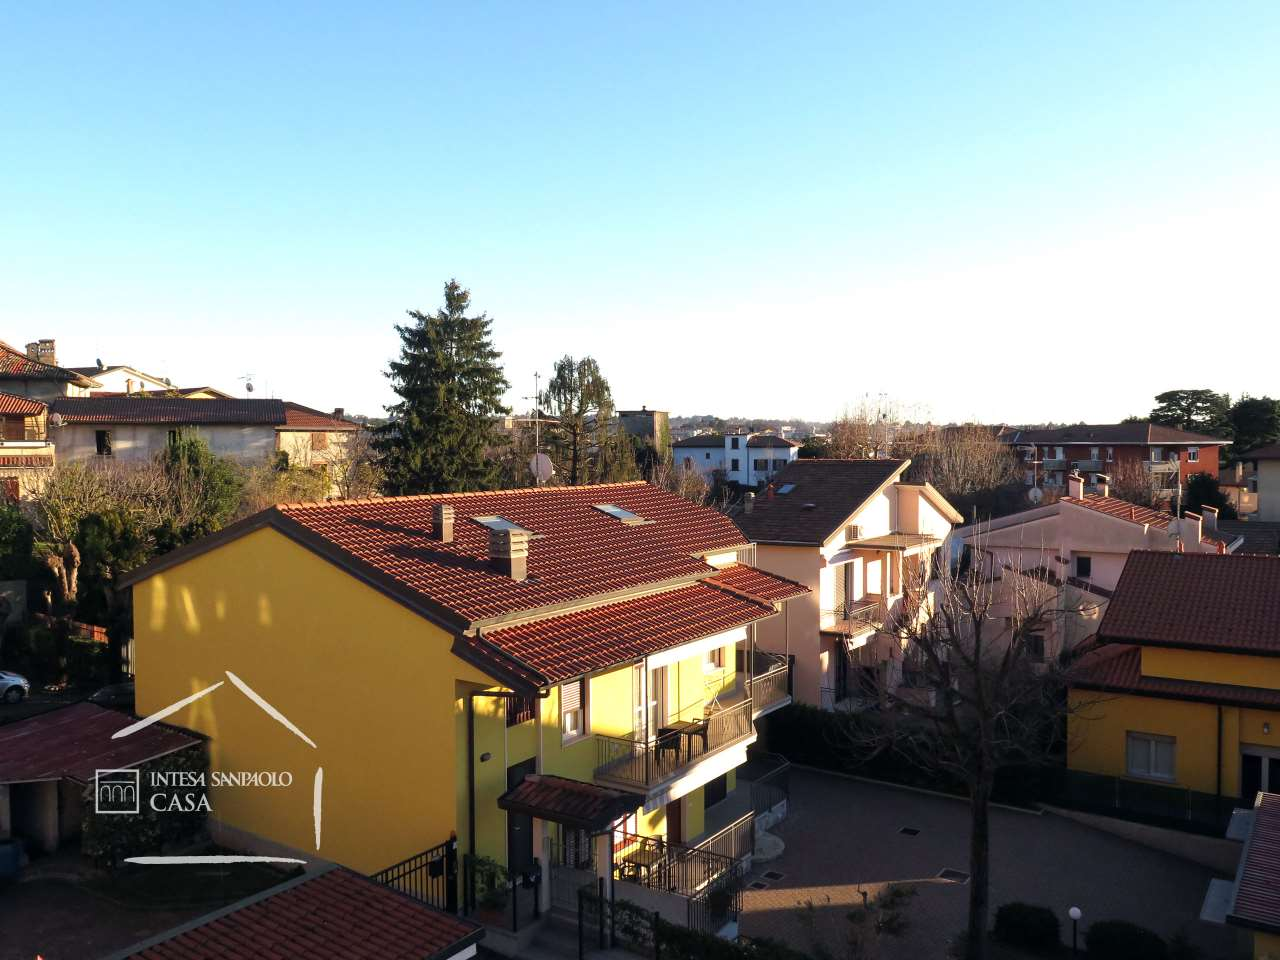 Casa indipendente in Vendita a Veduggio Con Colzano: 5 locali, 208 mq - Foto 9